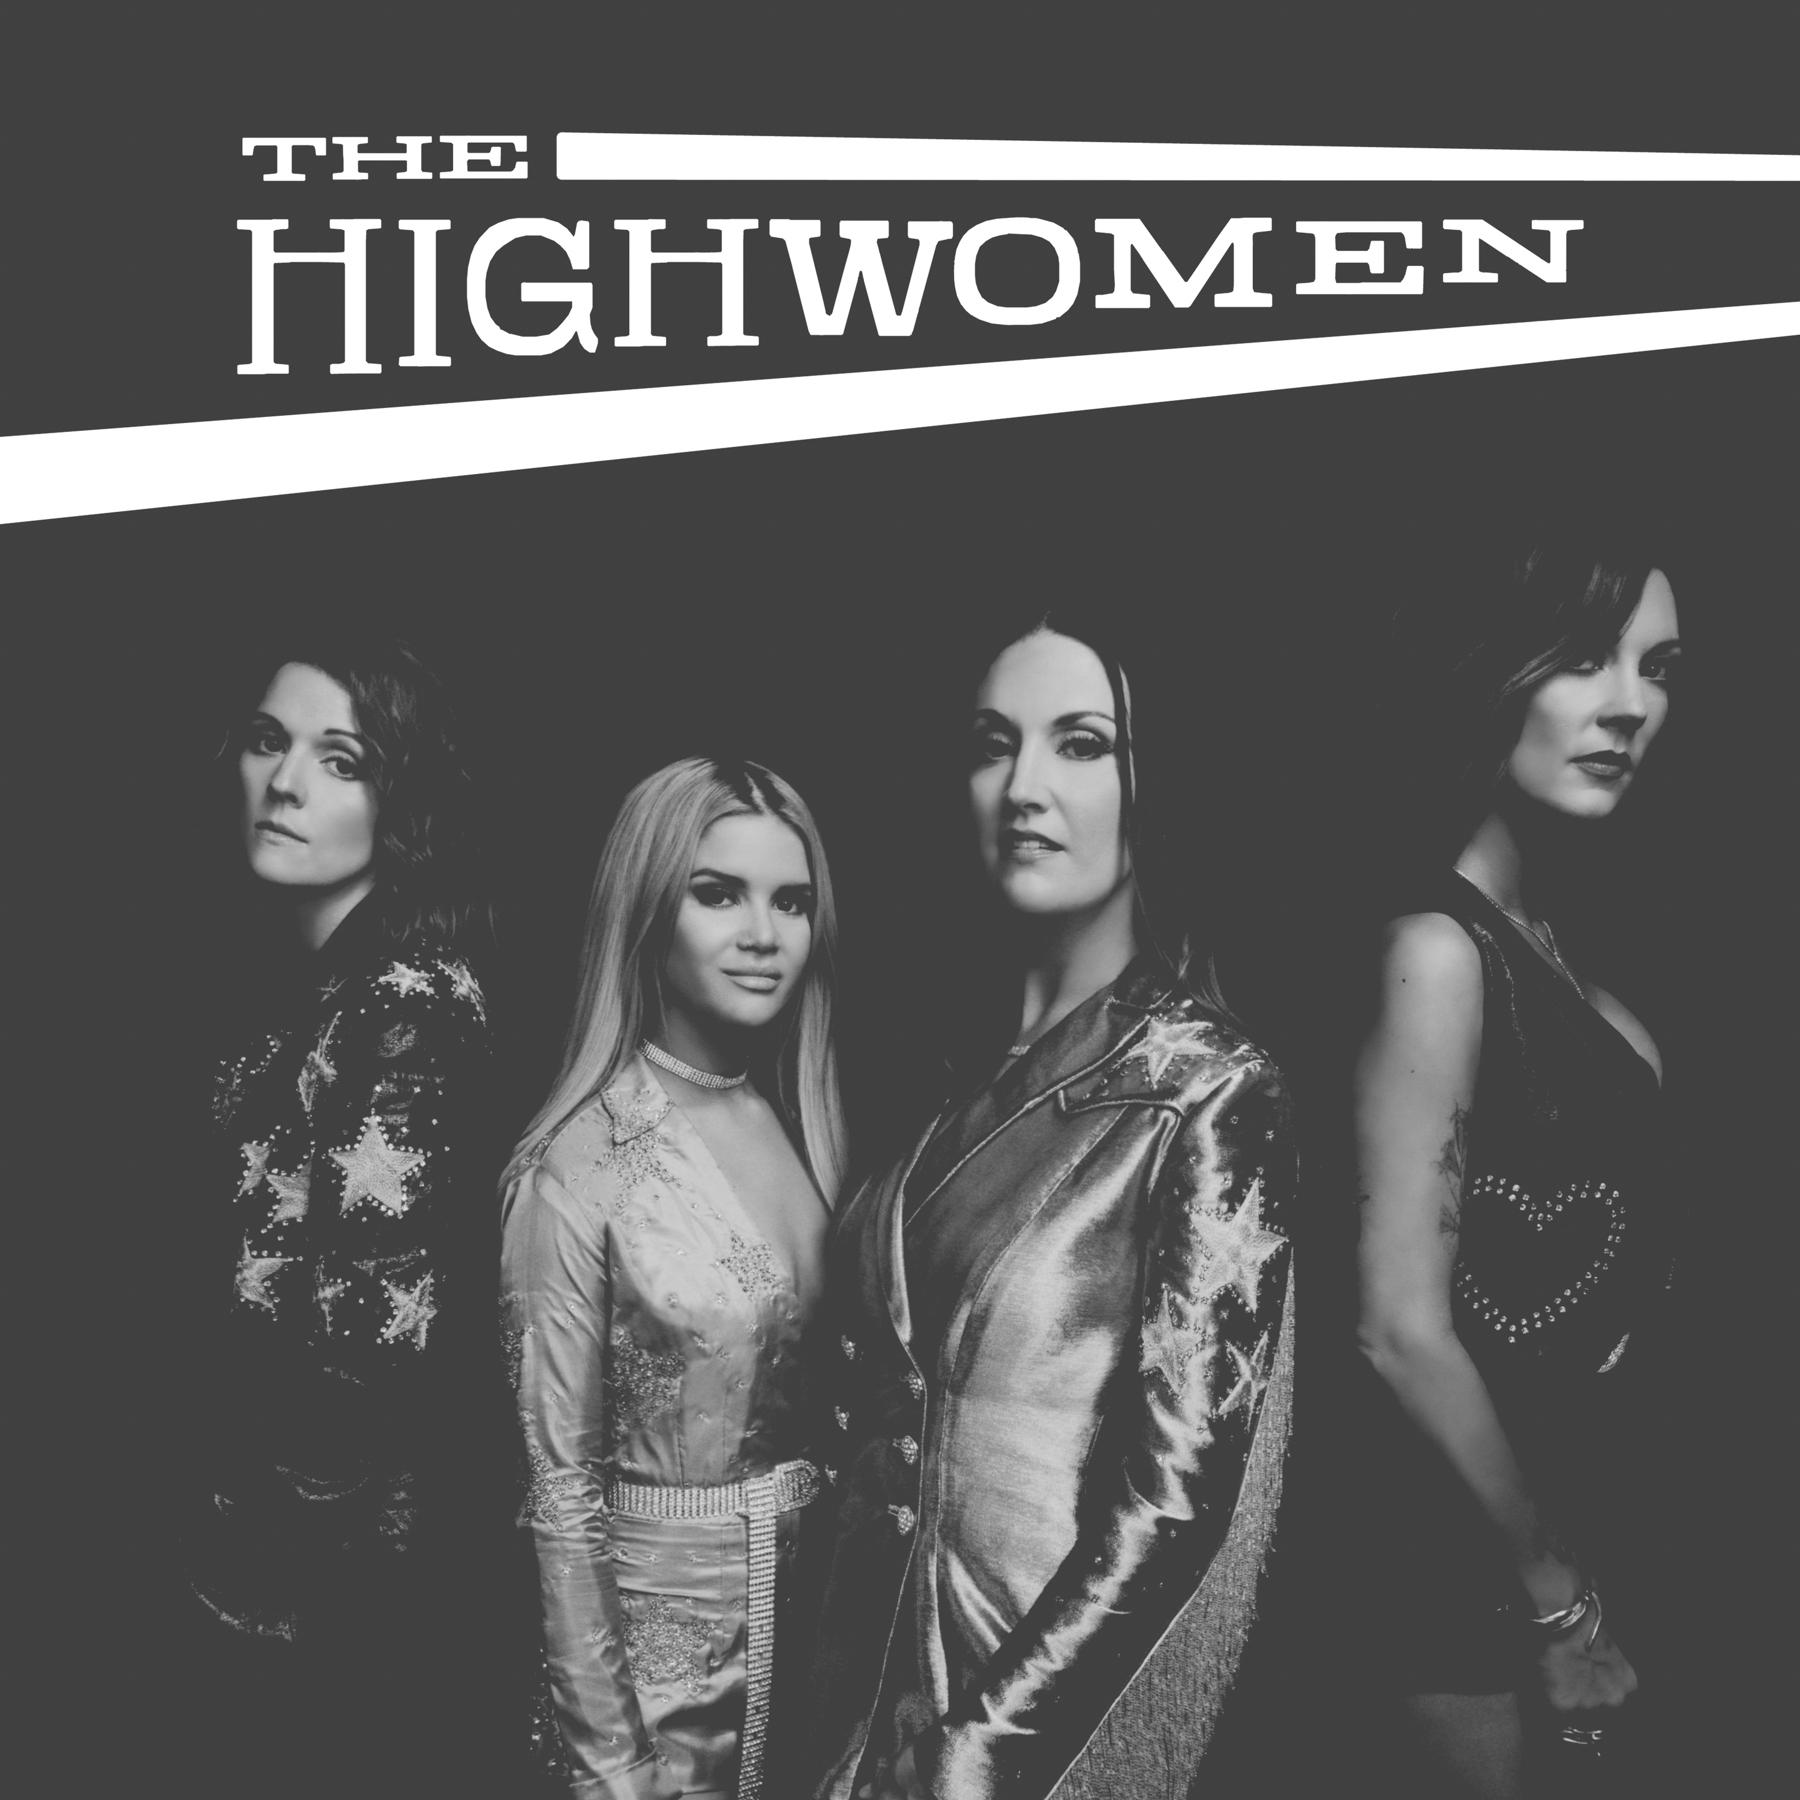 THE HIGHWOMEN album cover CR: Elektra Records